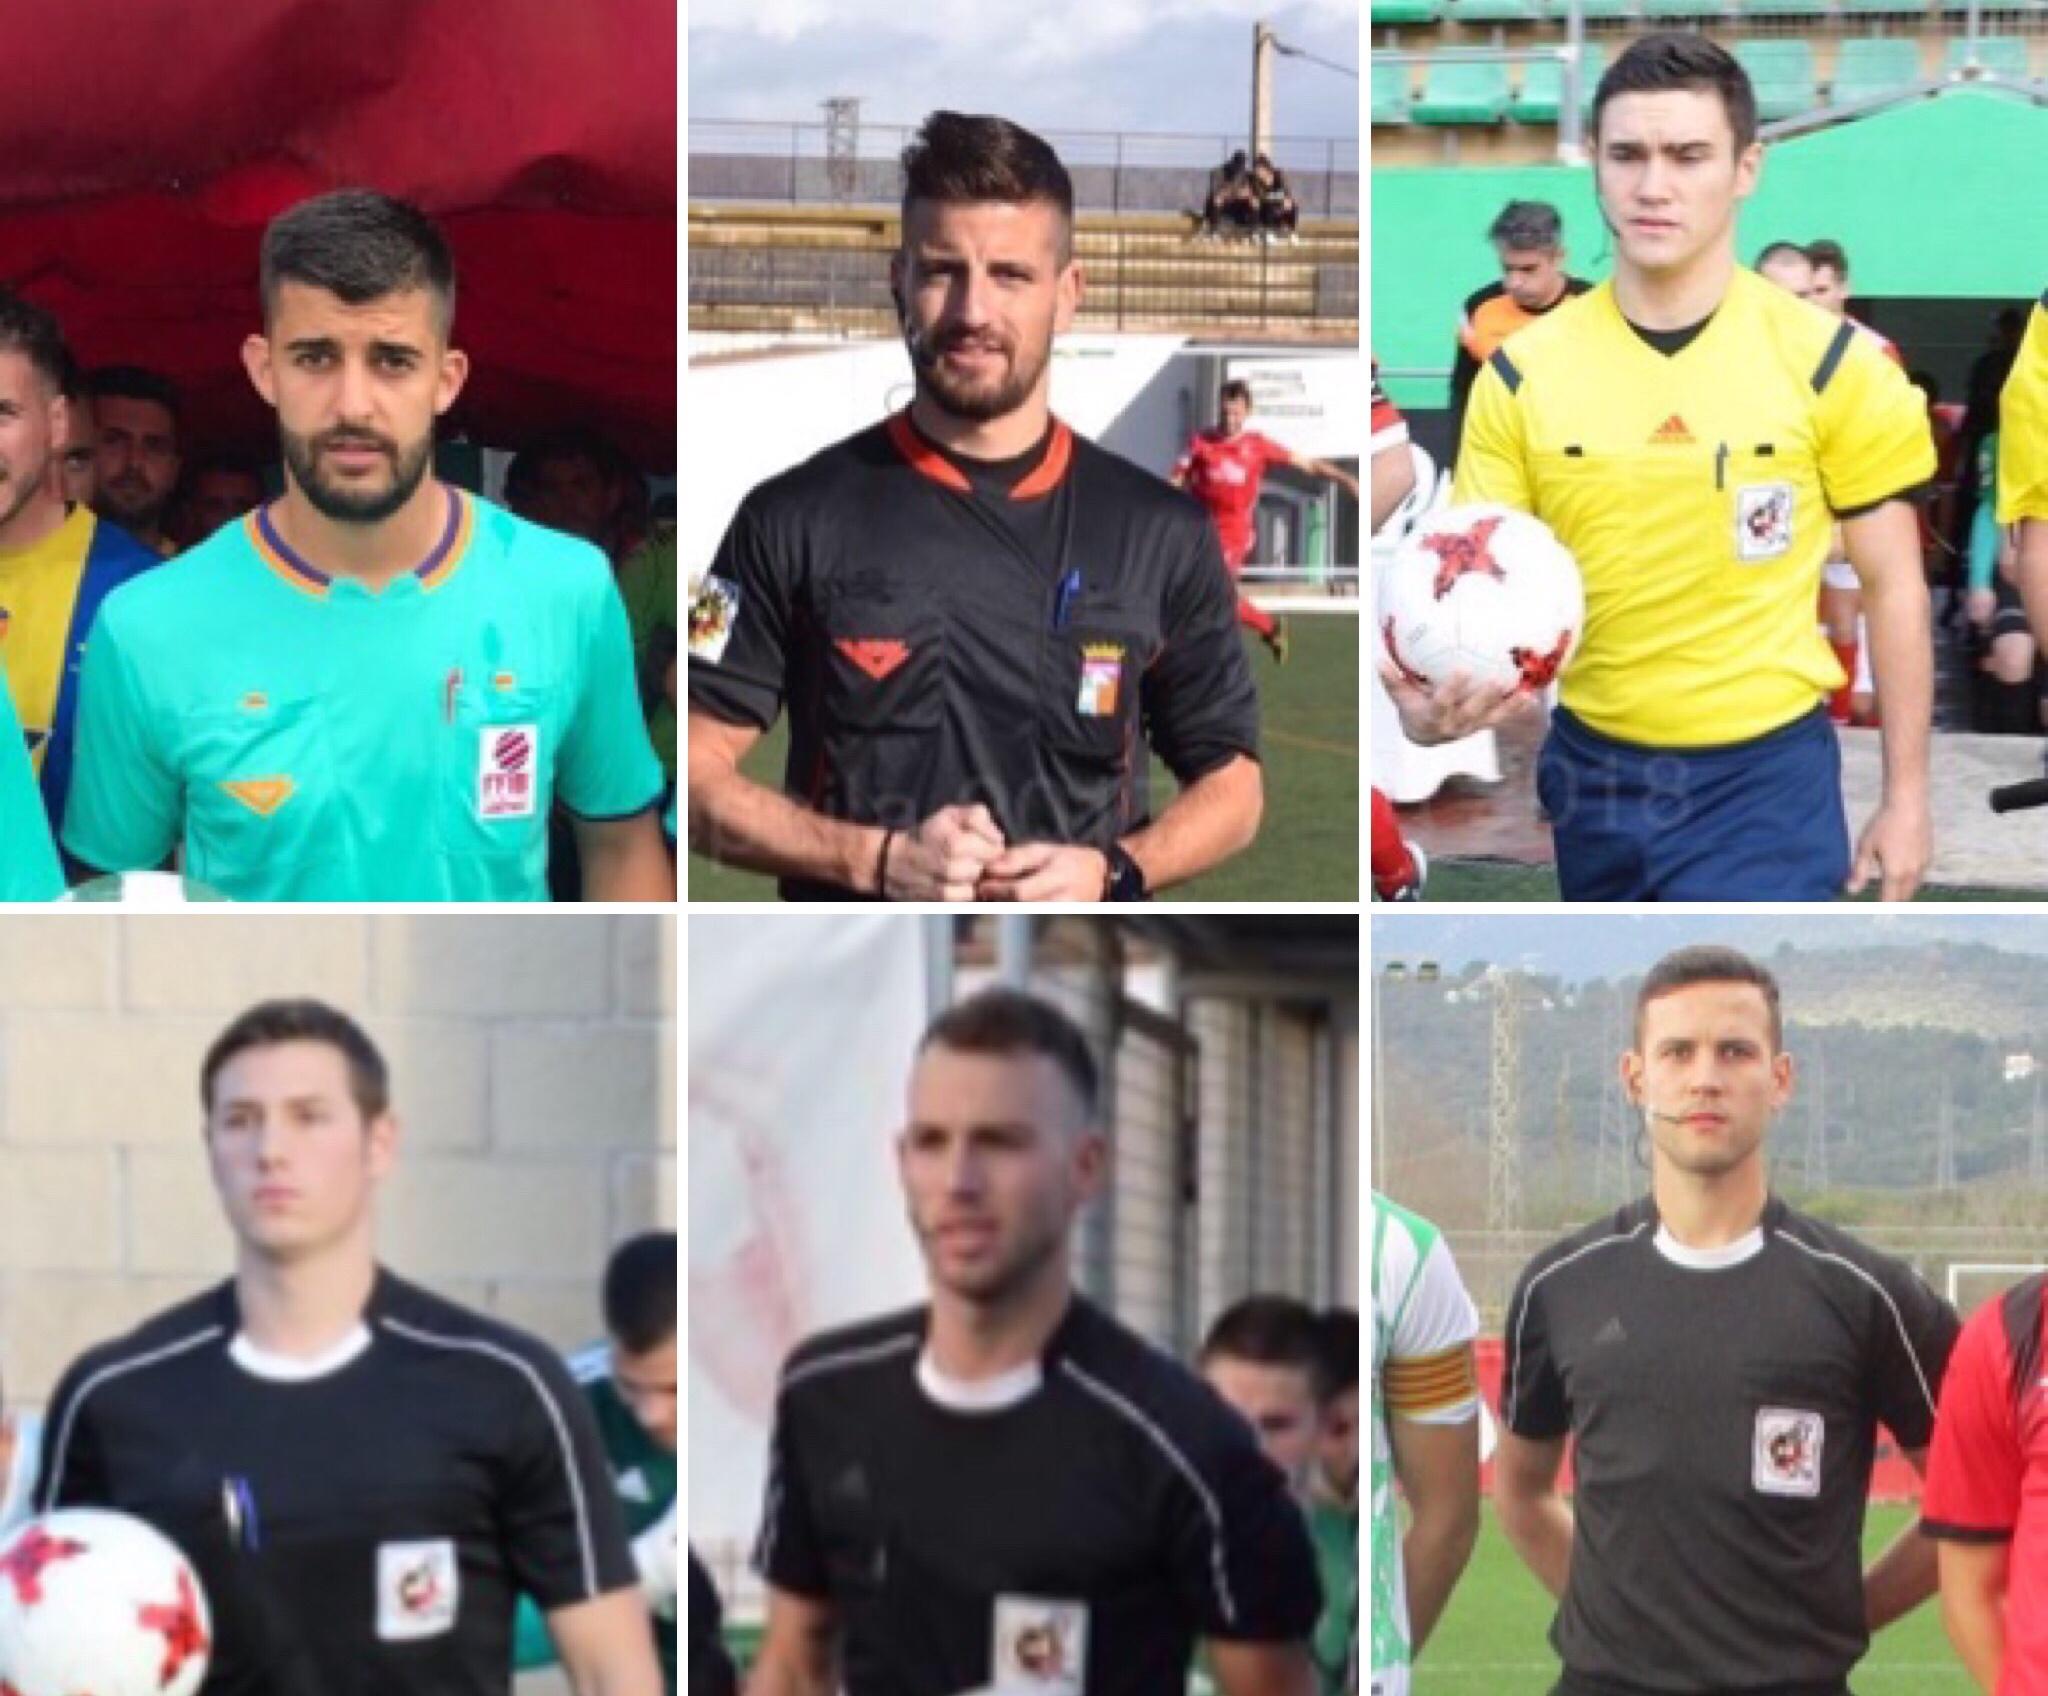 Talentos seleccionados para la primera fase del curso de Ascenso a Segunda División B.